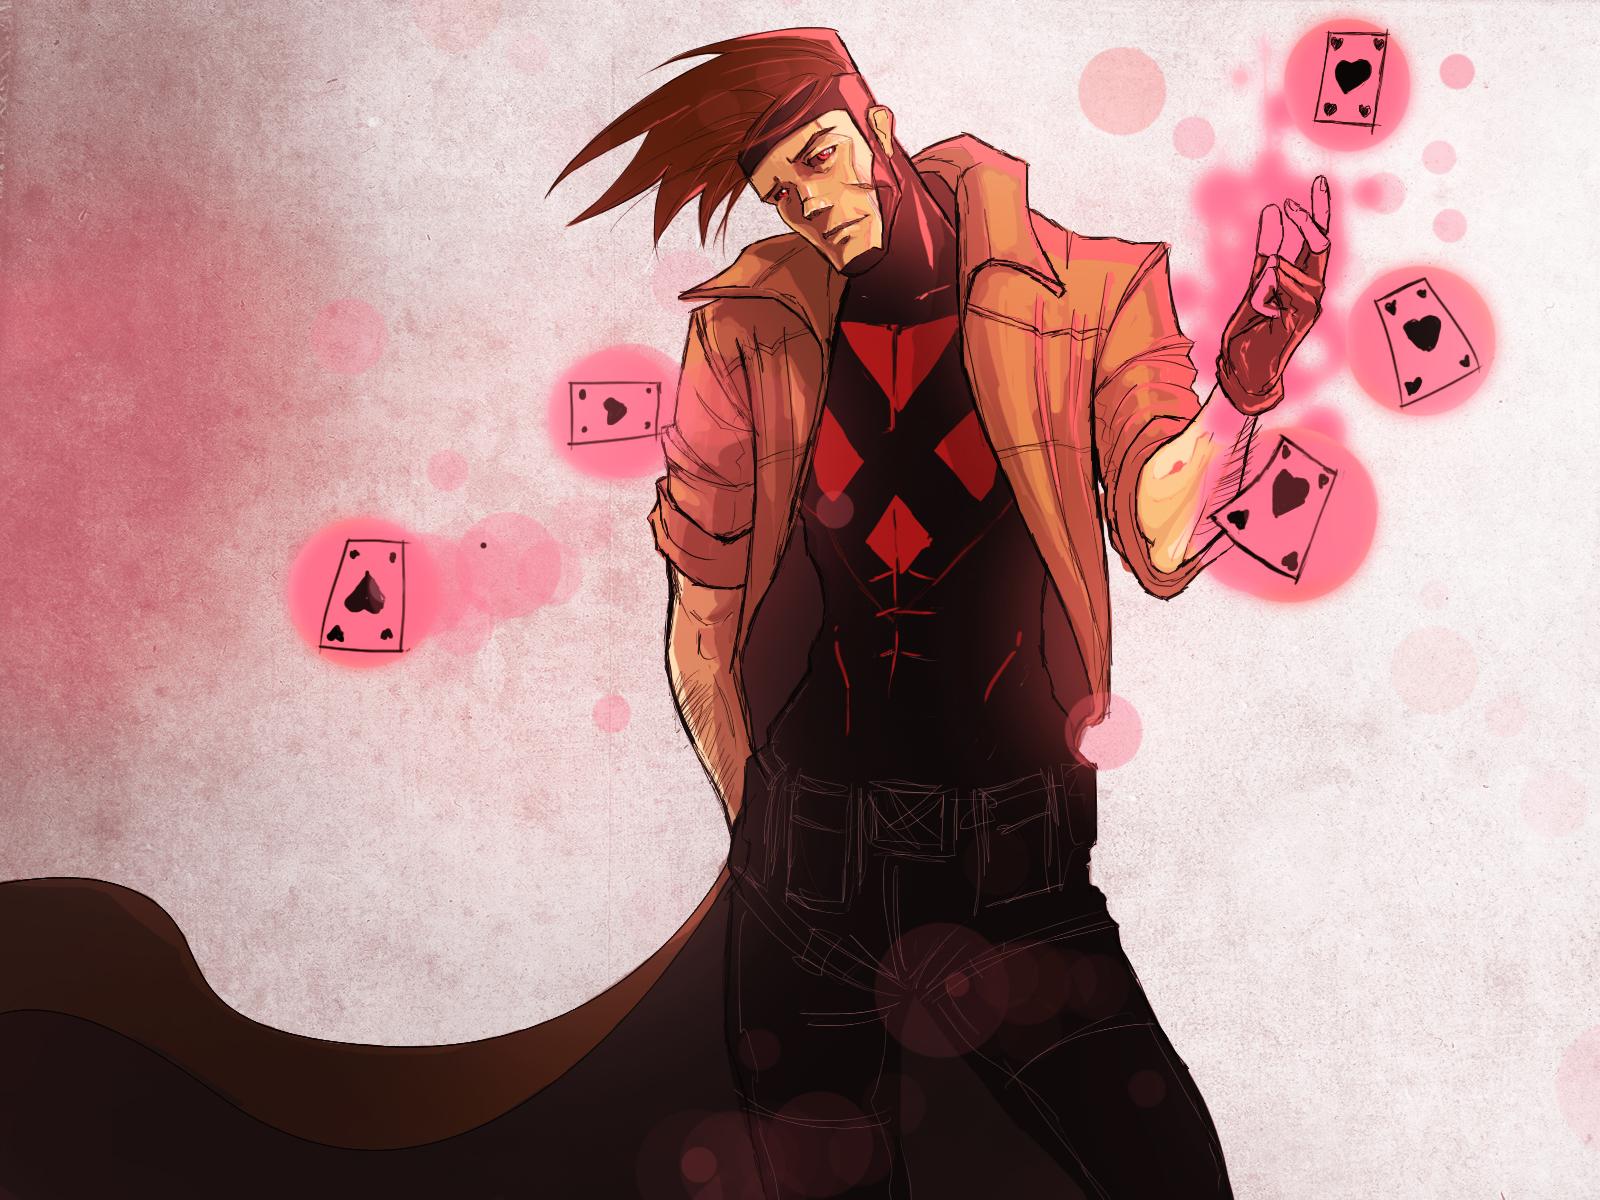 gambit_by_code1310-d4arn9z